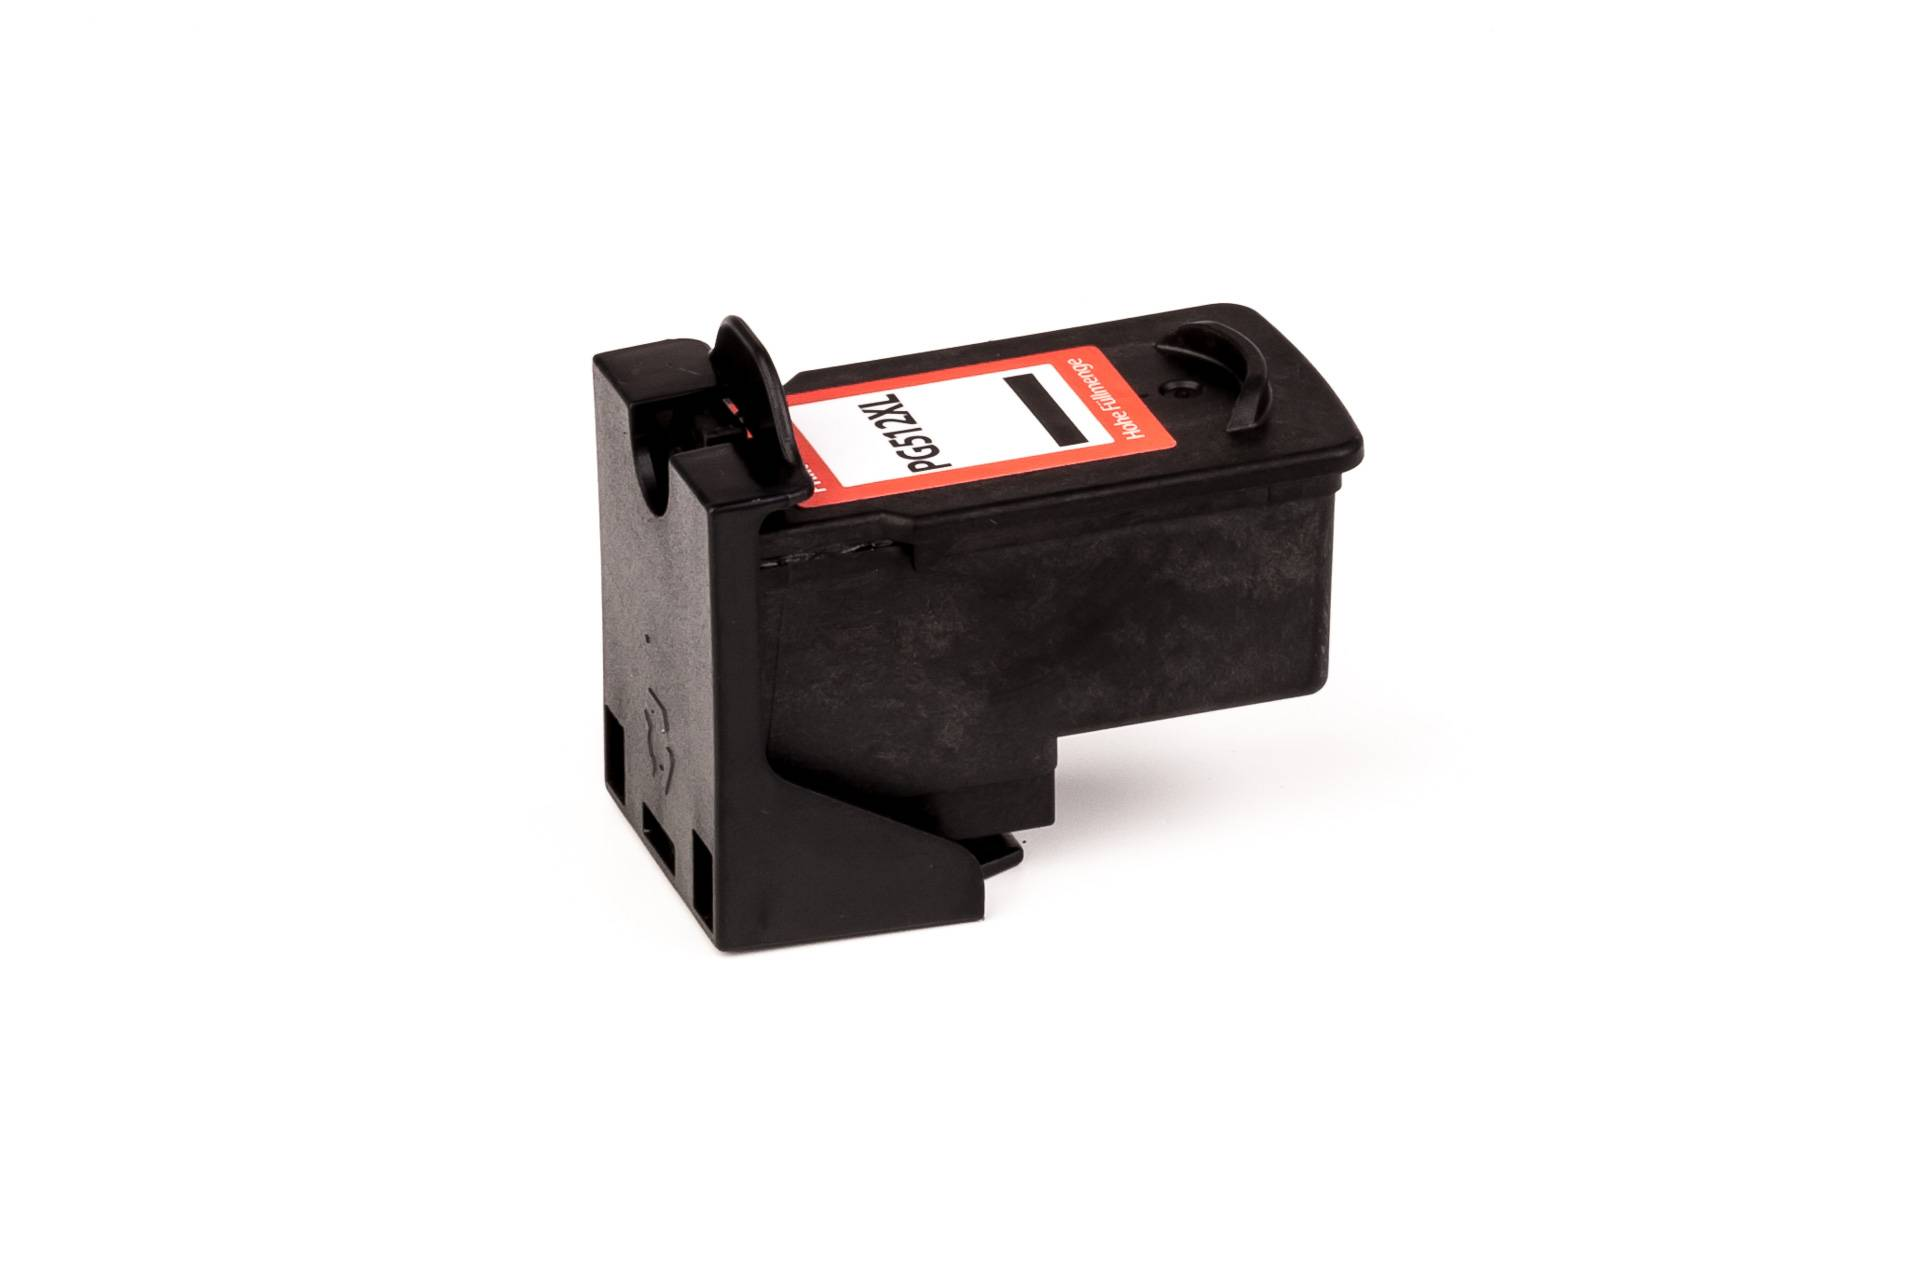 Canon Cartouche d'encre pour Canon 2969B001 / PG-512 noir compatible (de marque ASC)